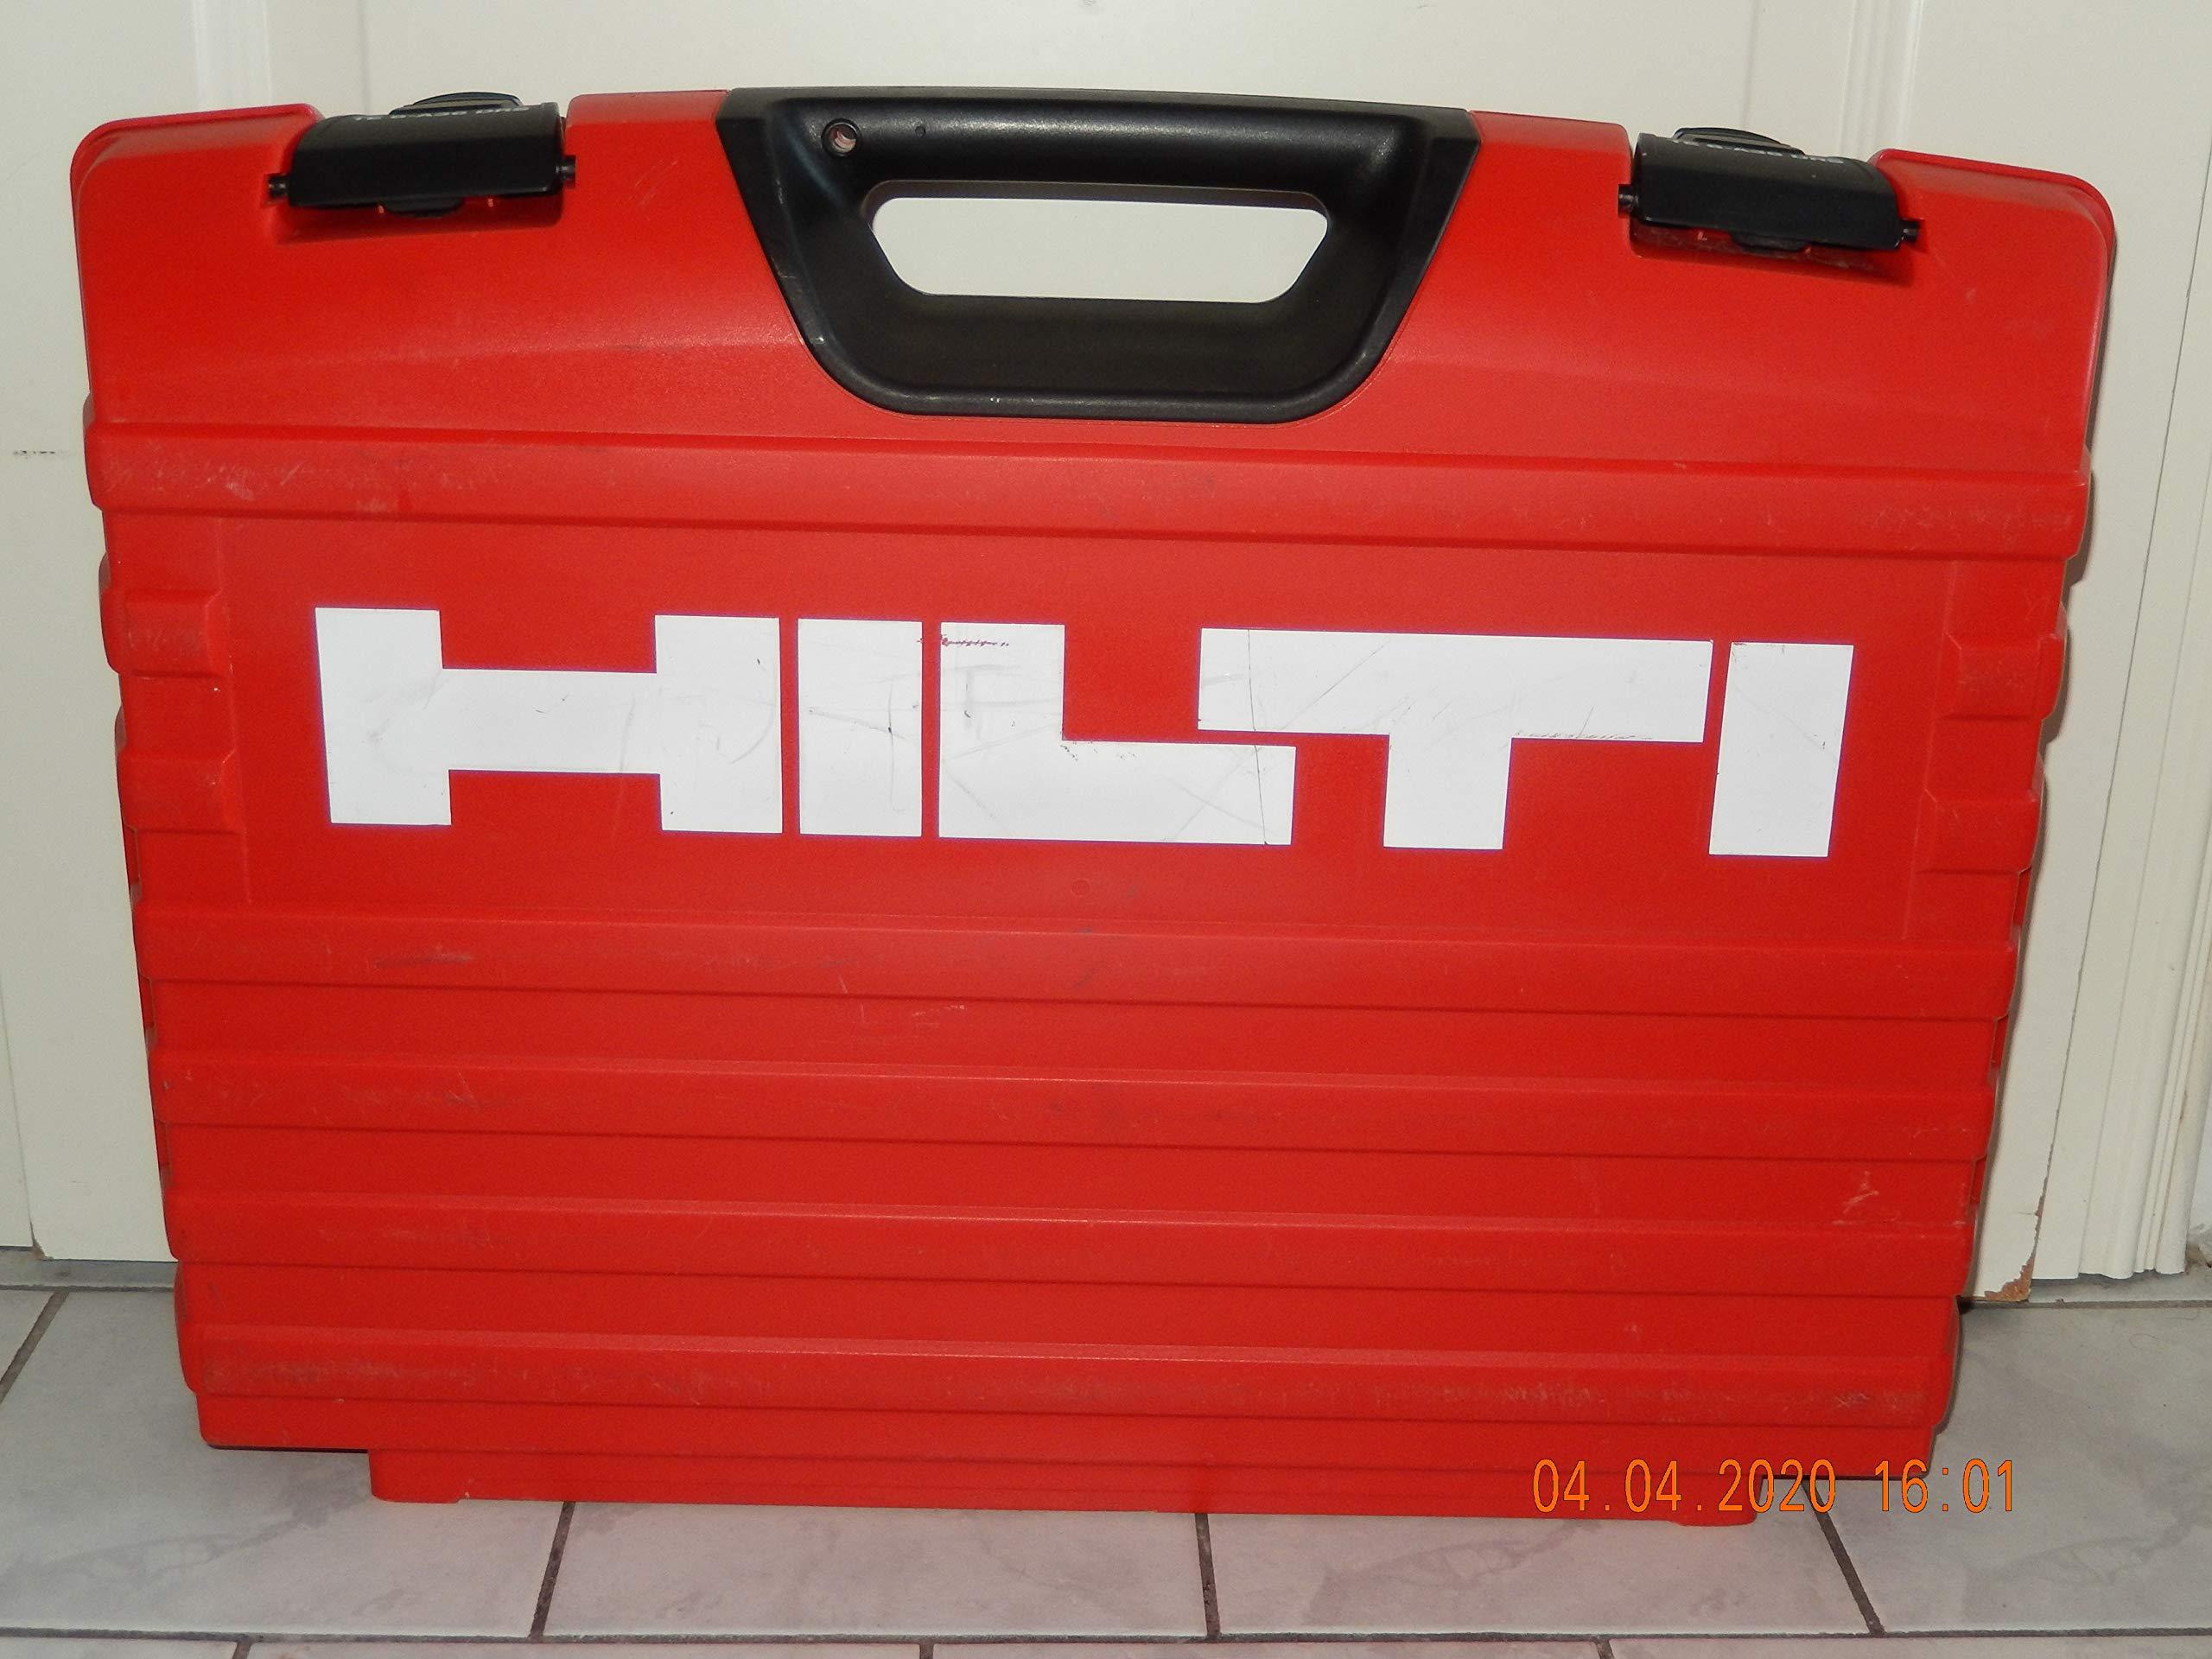 Hilti TE6-A36 DSR - Maletín vacío para taladro inalámbrico HILTI TE6-A36 DSR, LI-ION: Amazon.es: Bricolaje y herramientas